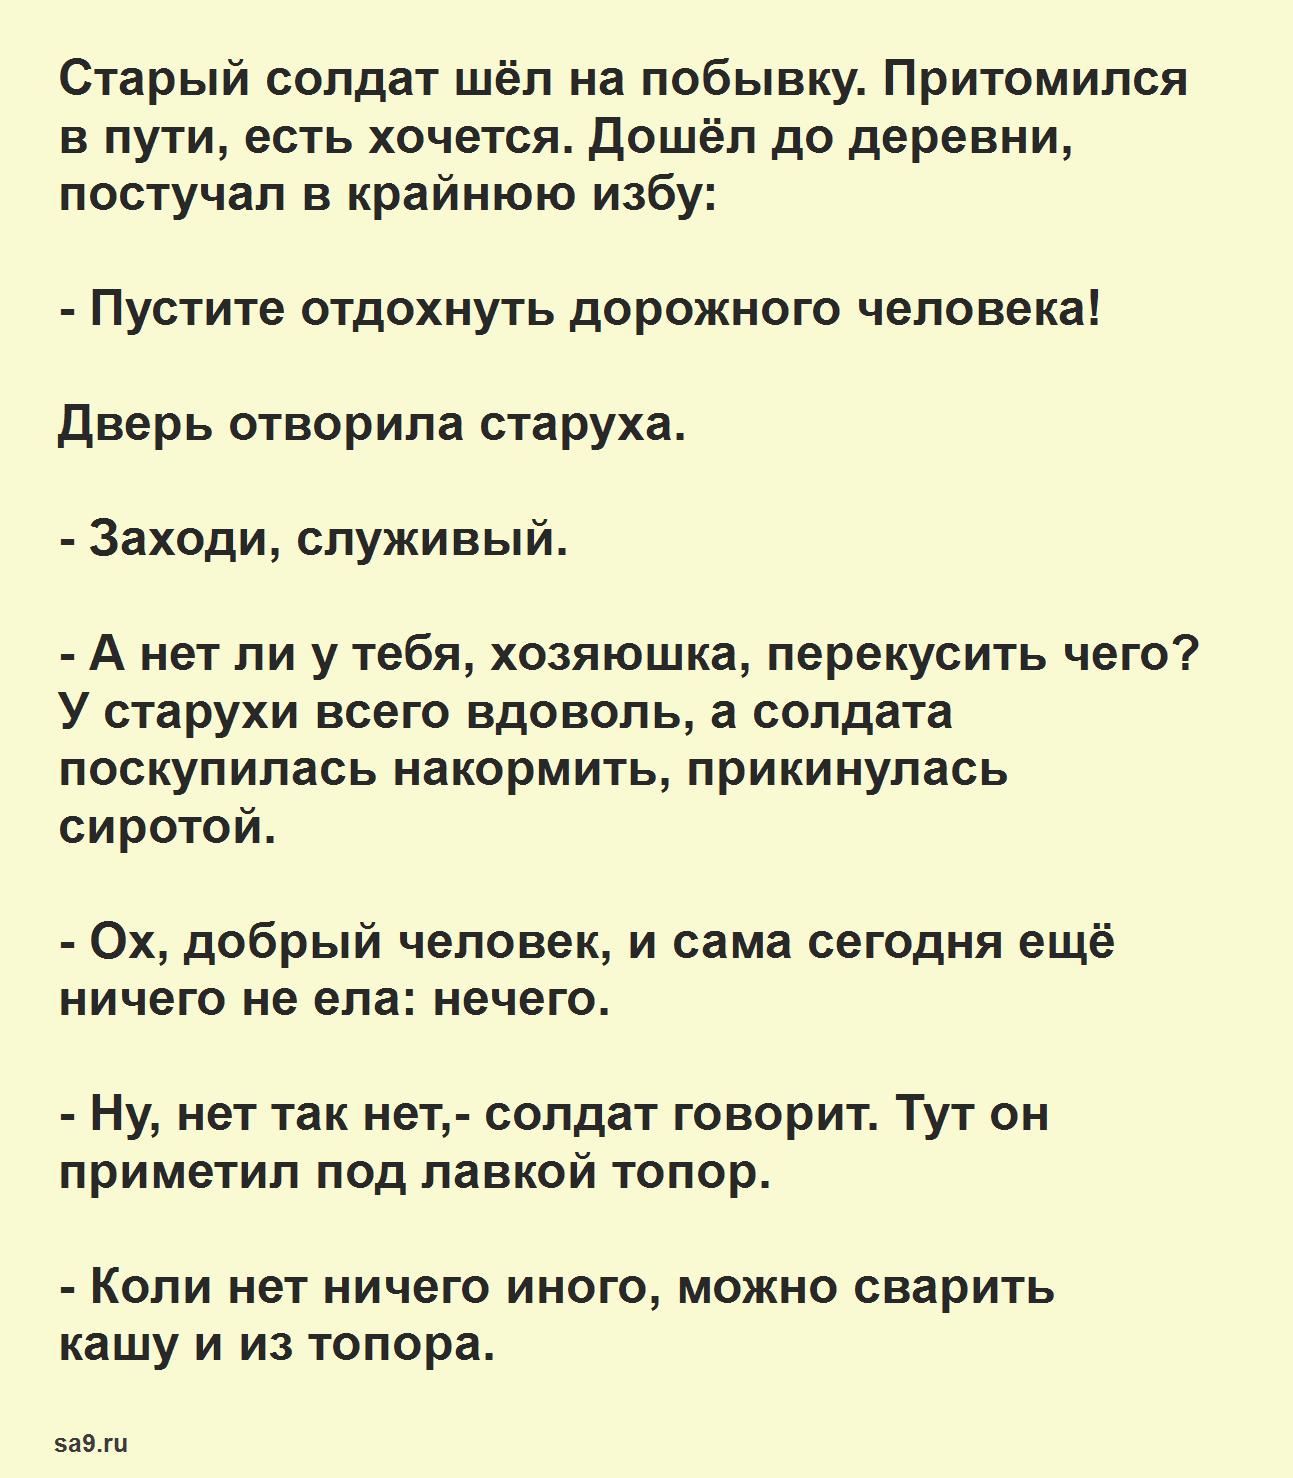 Каша из топора - русская народная сказка